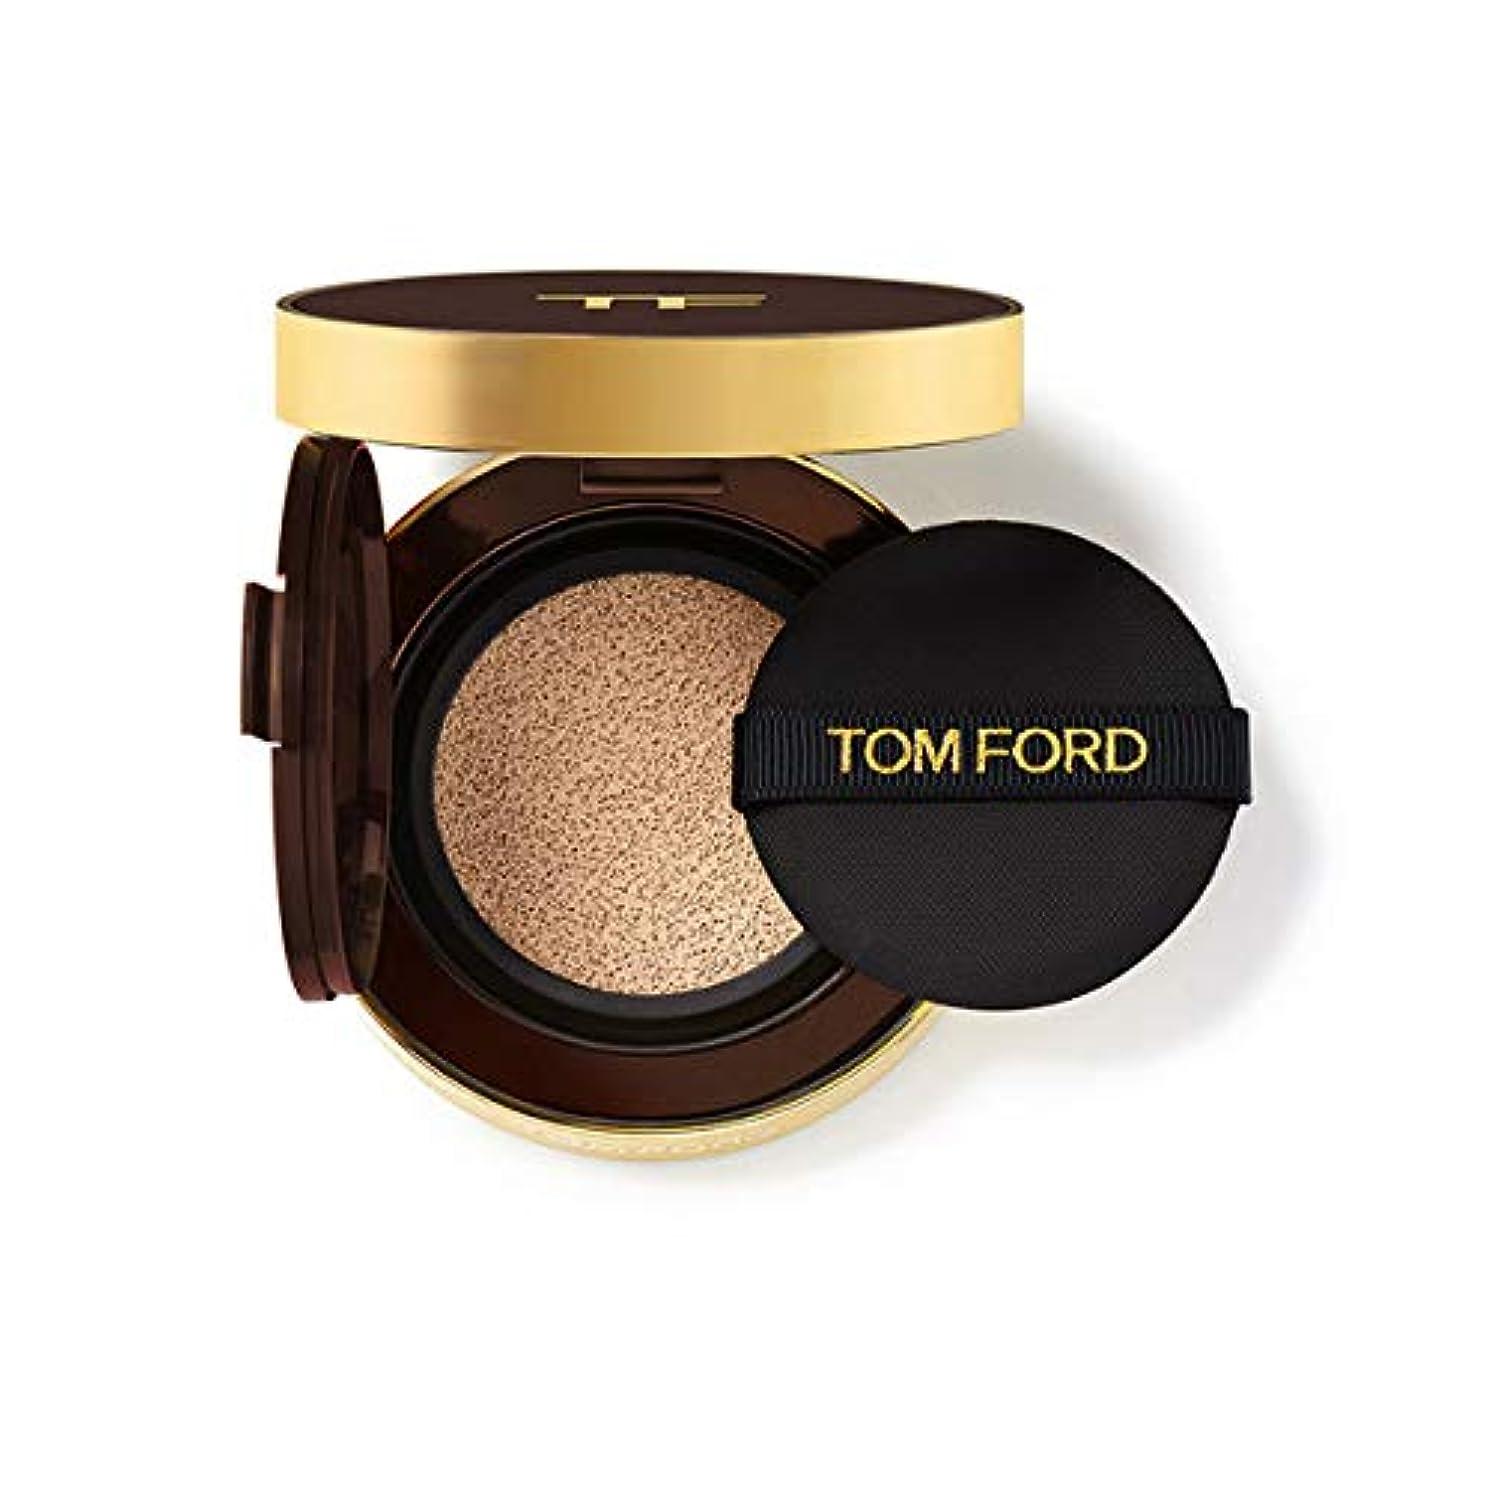 トム フォード ビューティ TOM FORD BEAUTY トレースレス タッチ ファンデーション SPF 45 サテンマット クッション コンパクト SPF45 12g 2.0 バフ (在庫)